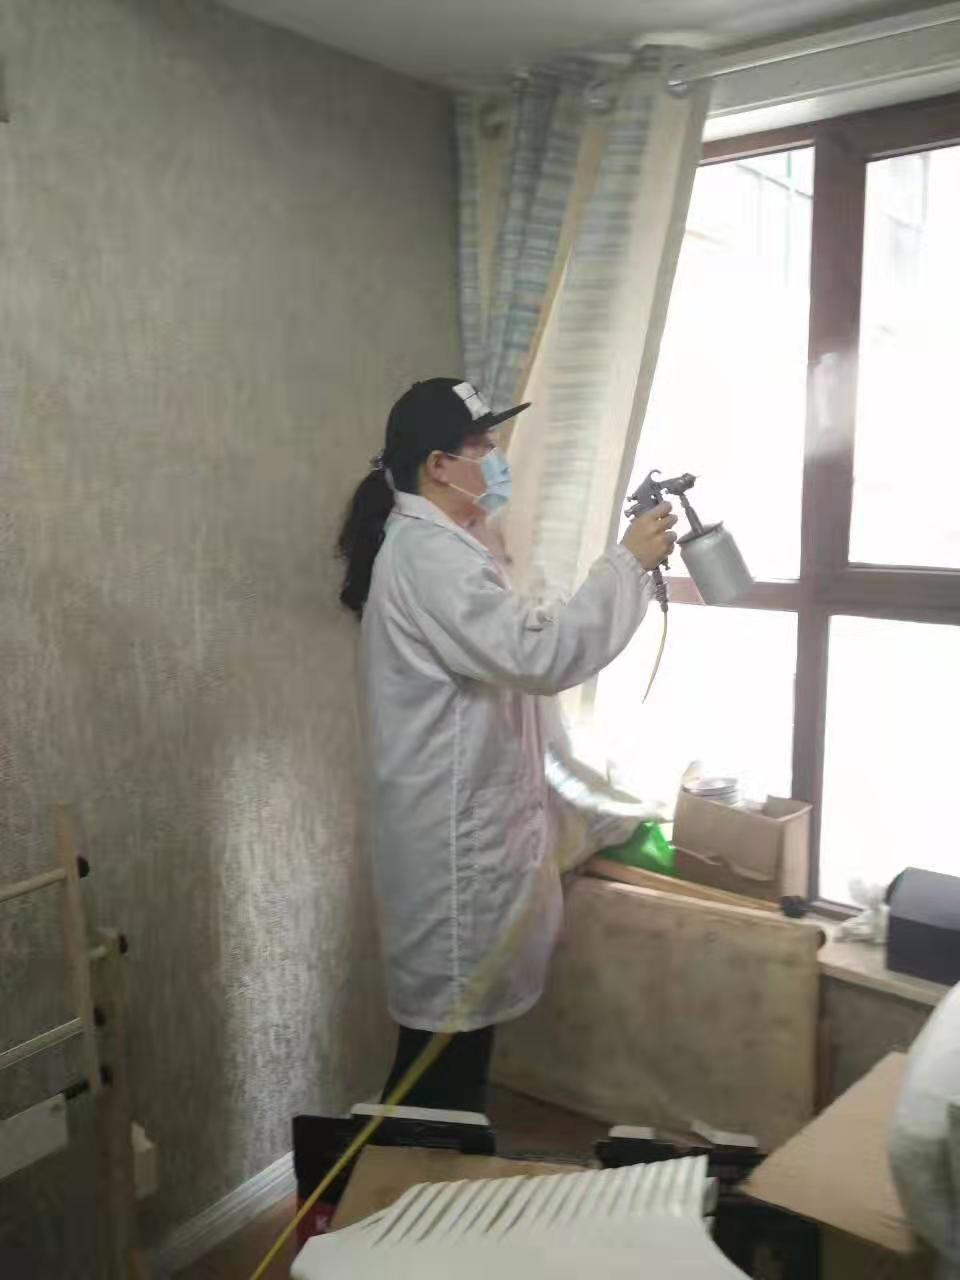 新装住宅主要污染物